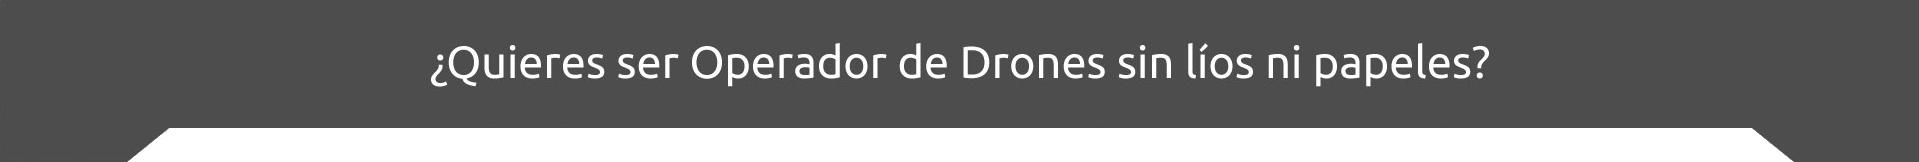 ¿Quieres ser operador de drones sin lios ni papeles?